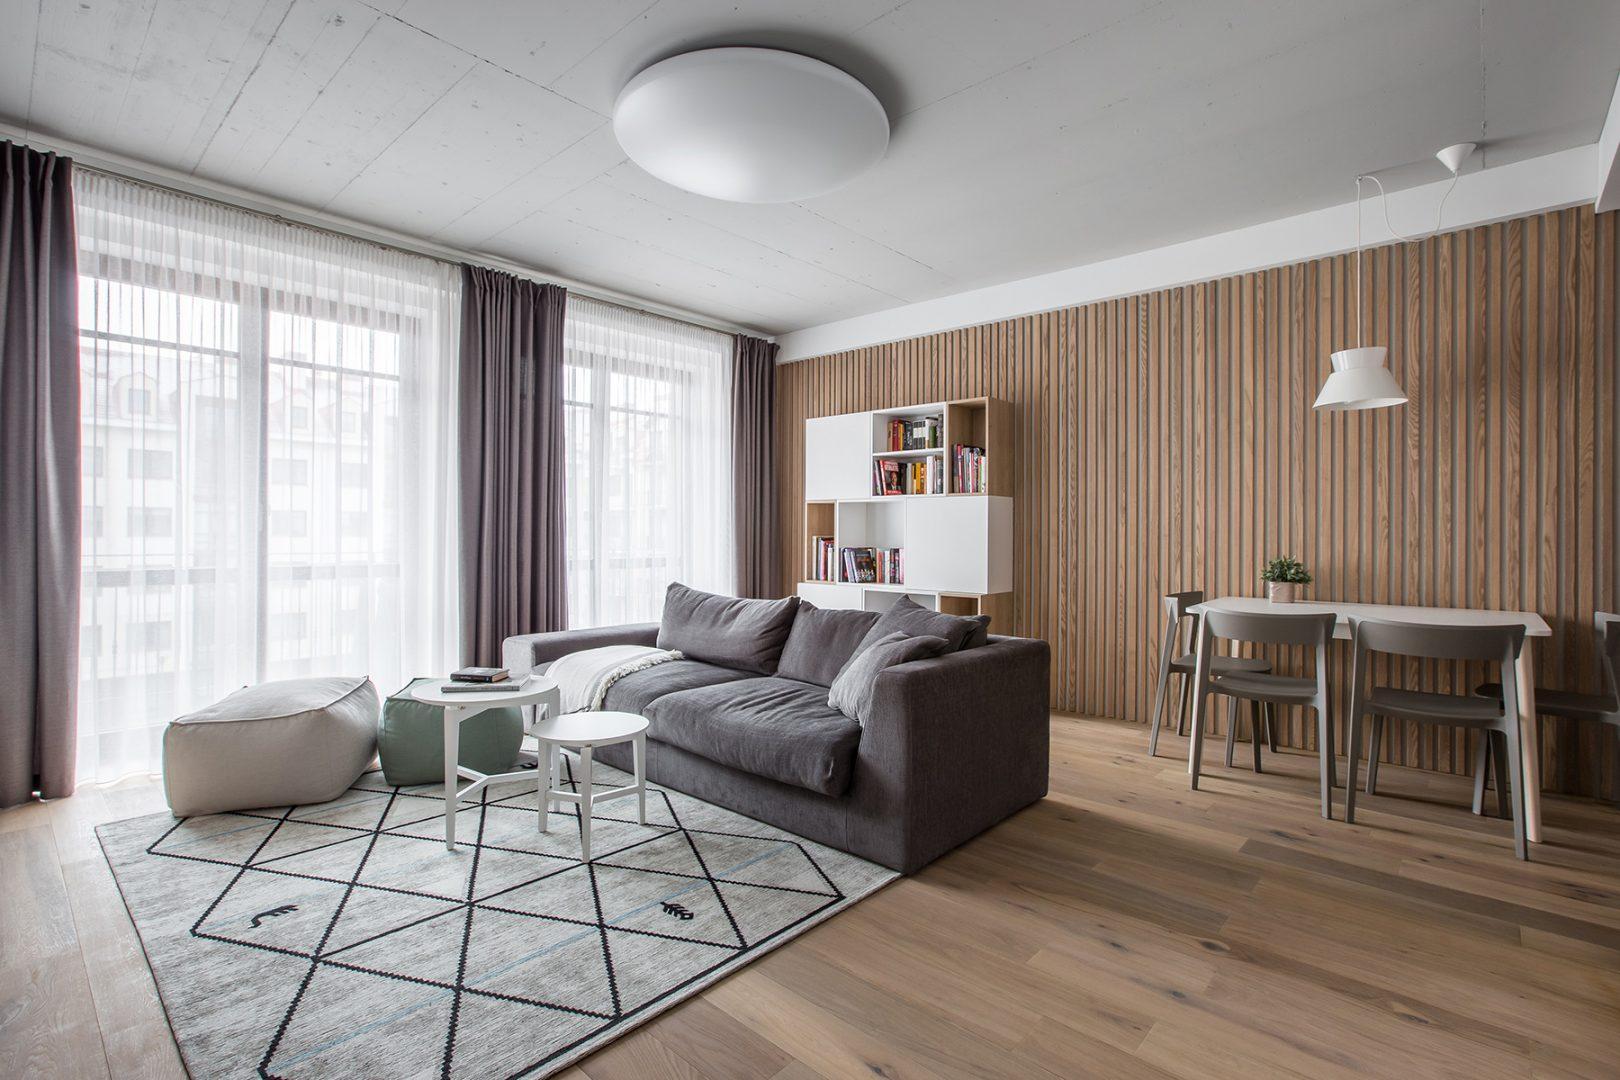 Apartment_Saltiniu_Rimartus_1